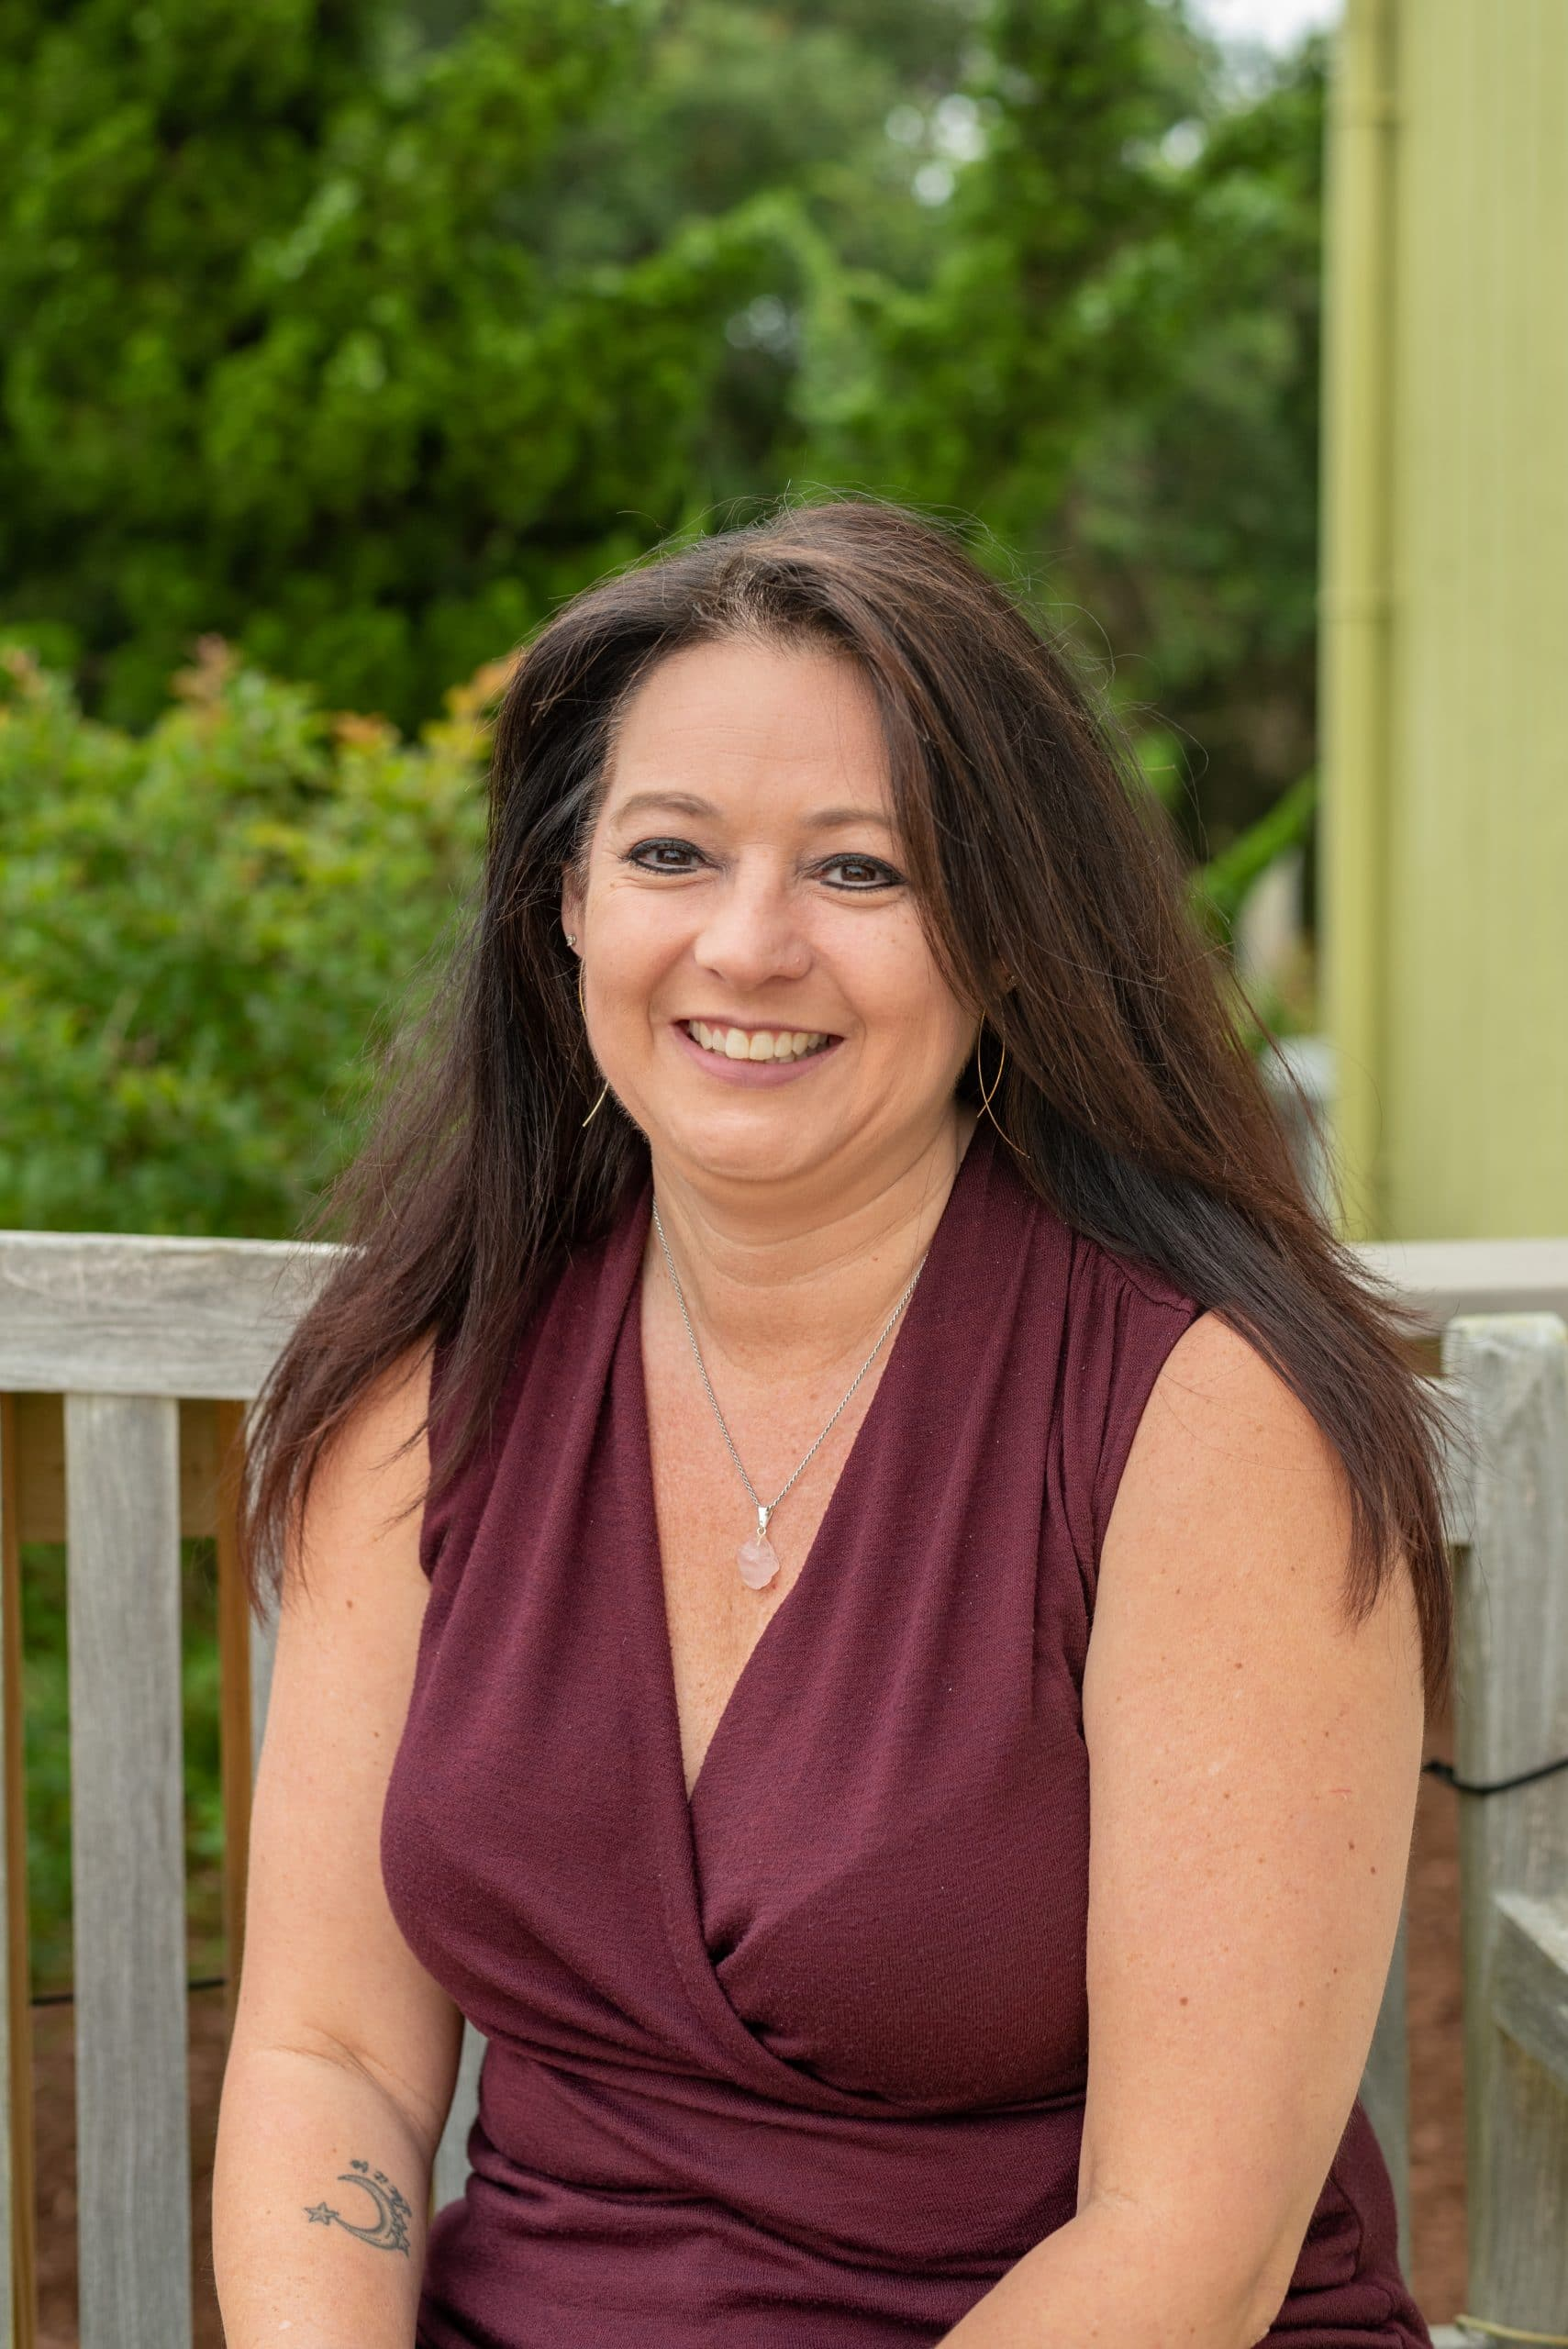 Lisa Weatherly's Profile Image